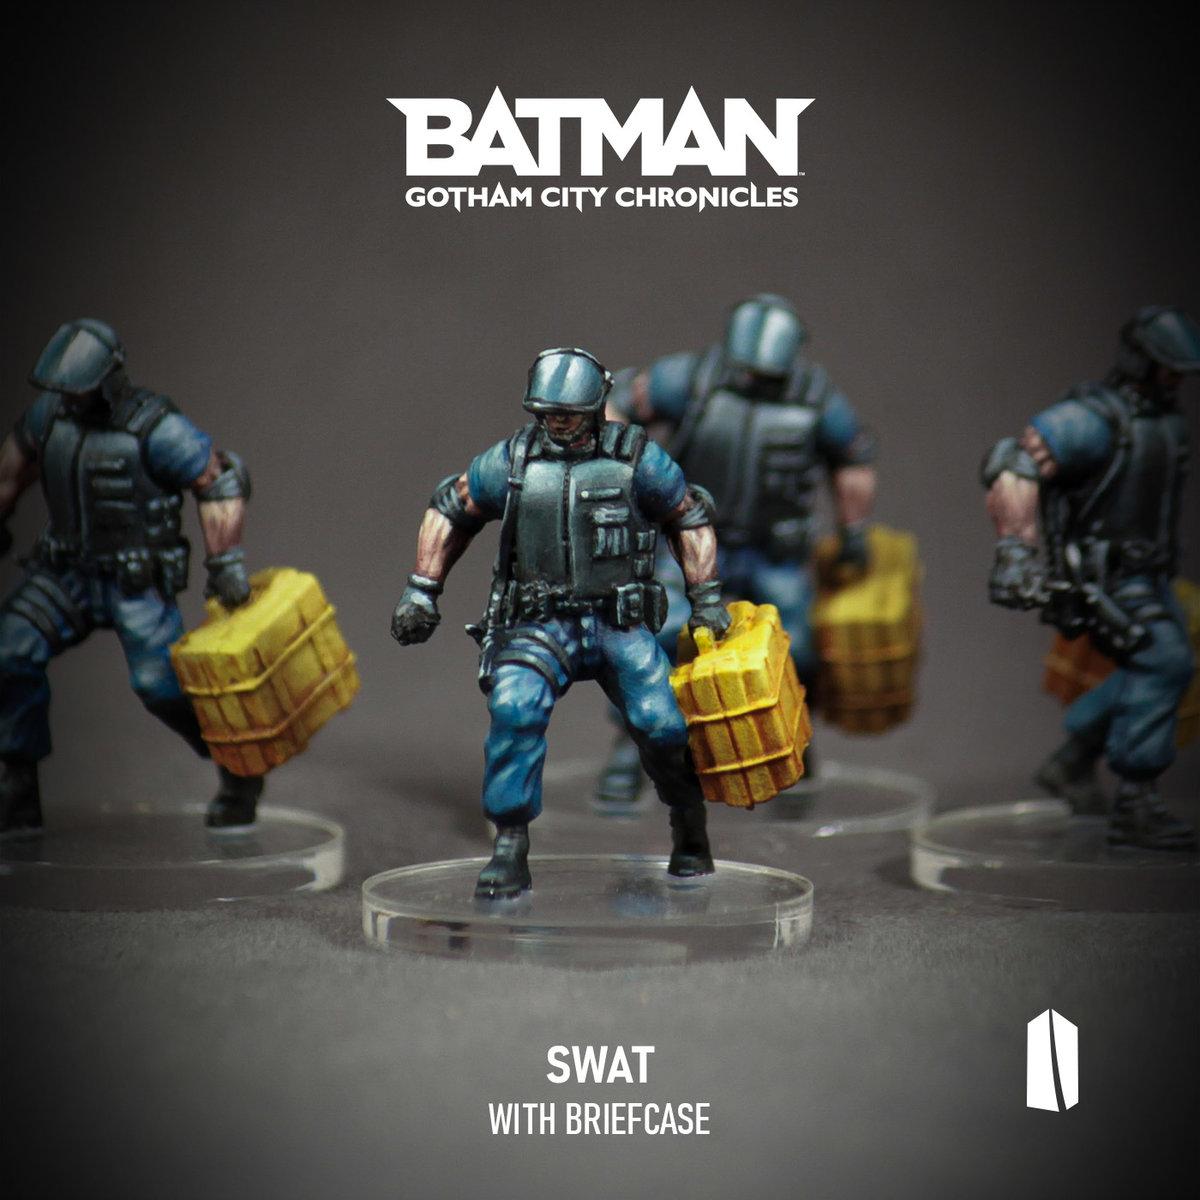 batmanGCC_SWAT_BRIEFCASE_final.jpg